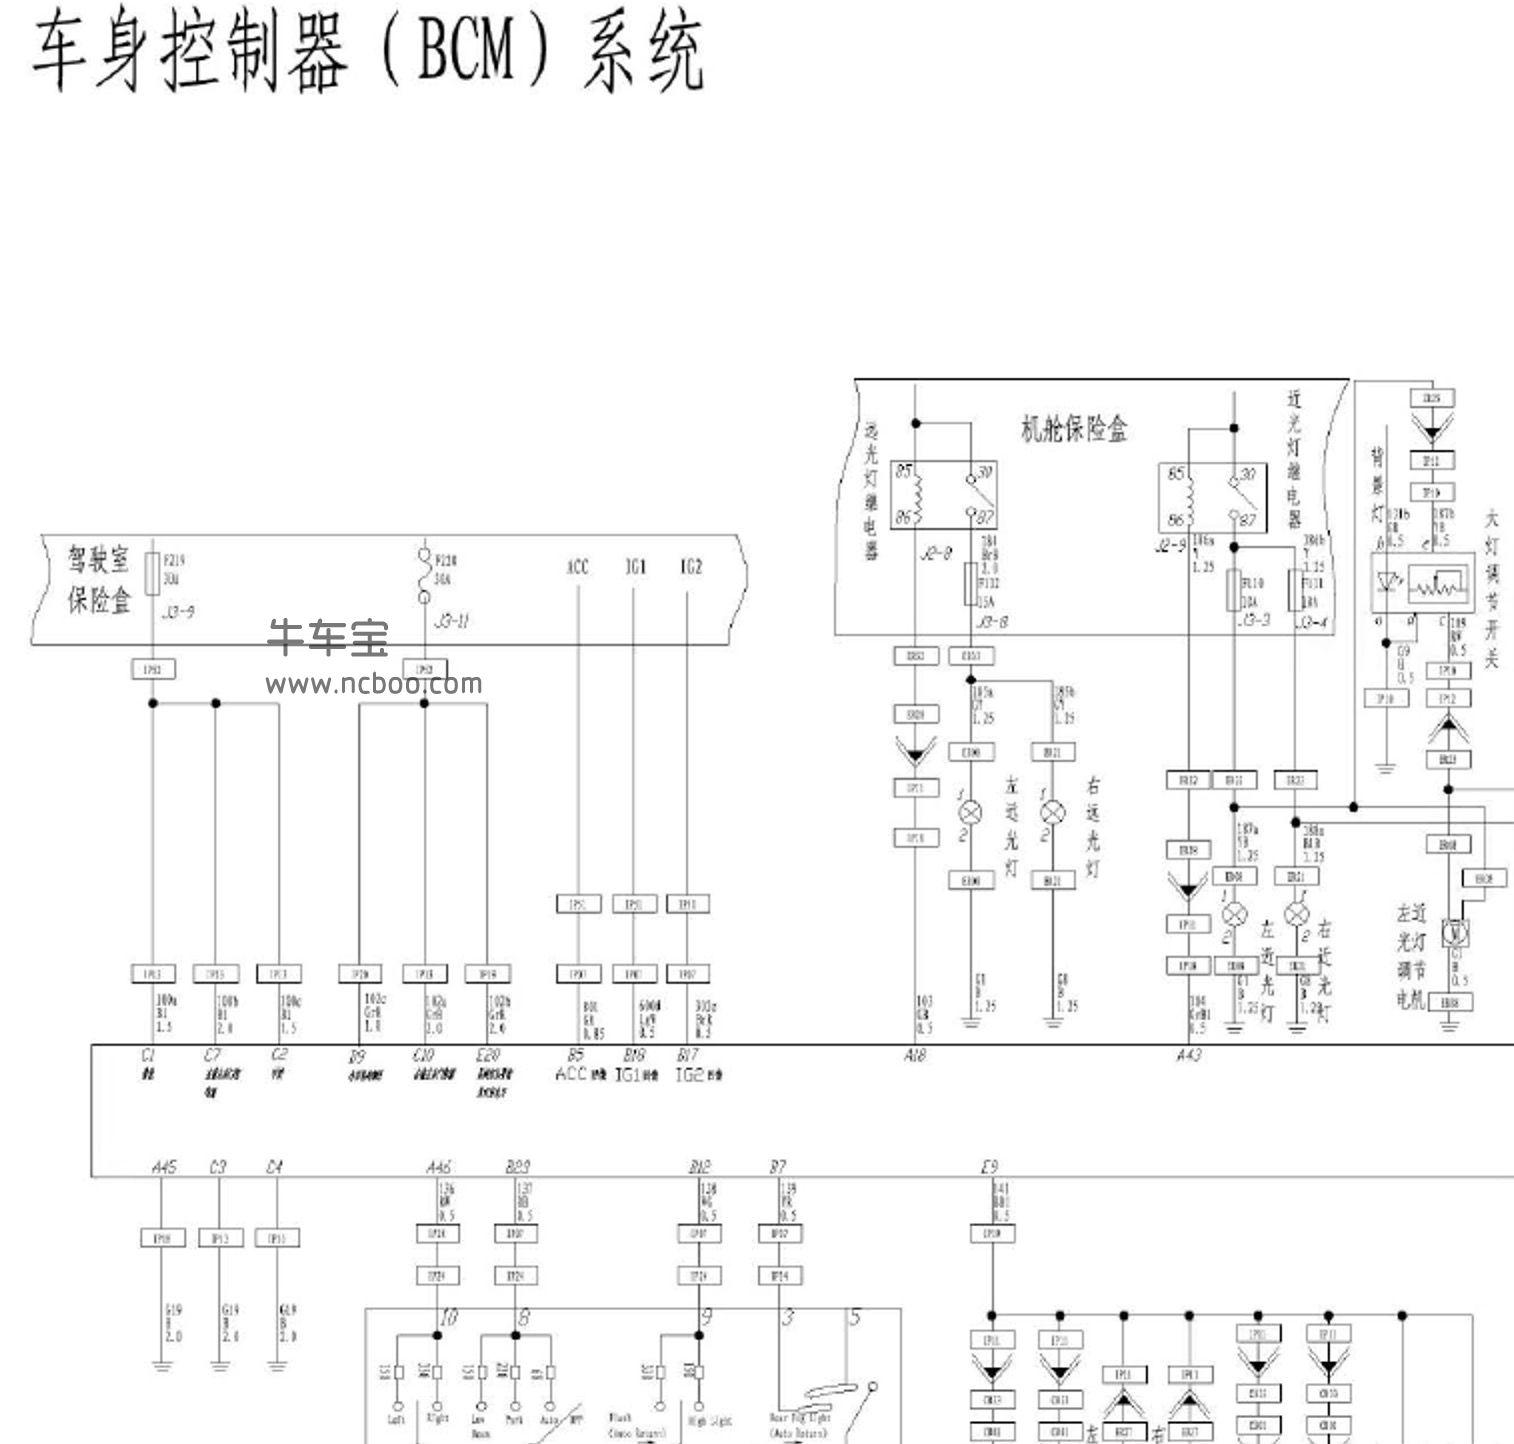 2016-2017款华晨金杯S70(蒂阿兹)原厂电路图资料下载